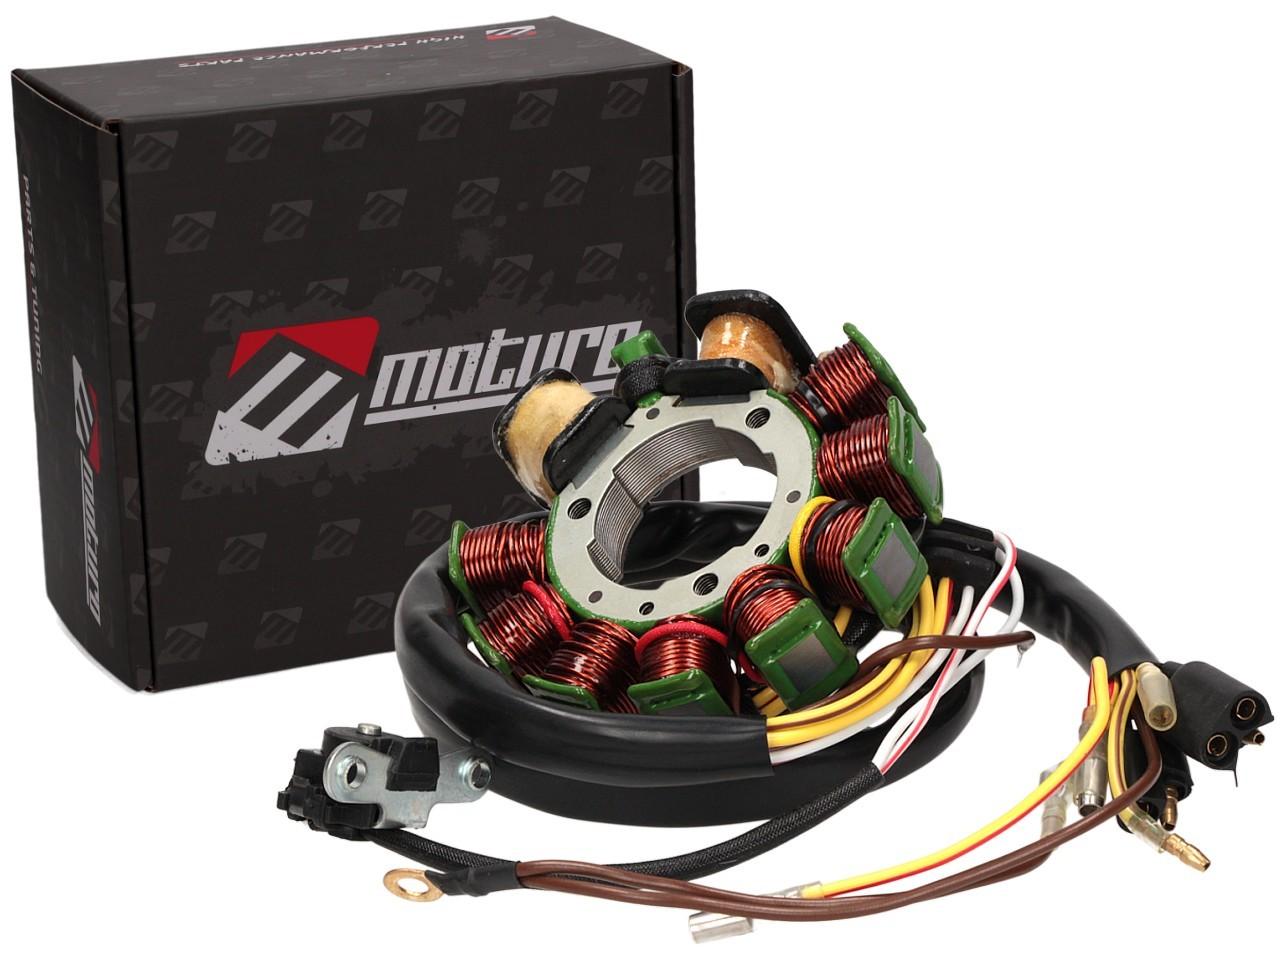 Moturo Lichtmaschine Zündanlage für Yamaha YFM 660 Grizzly